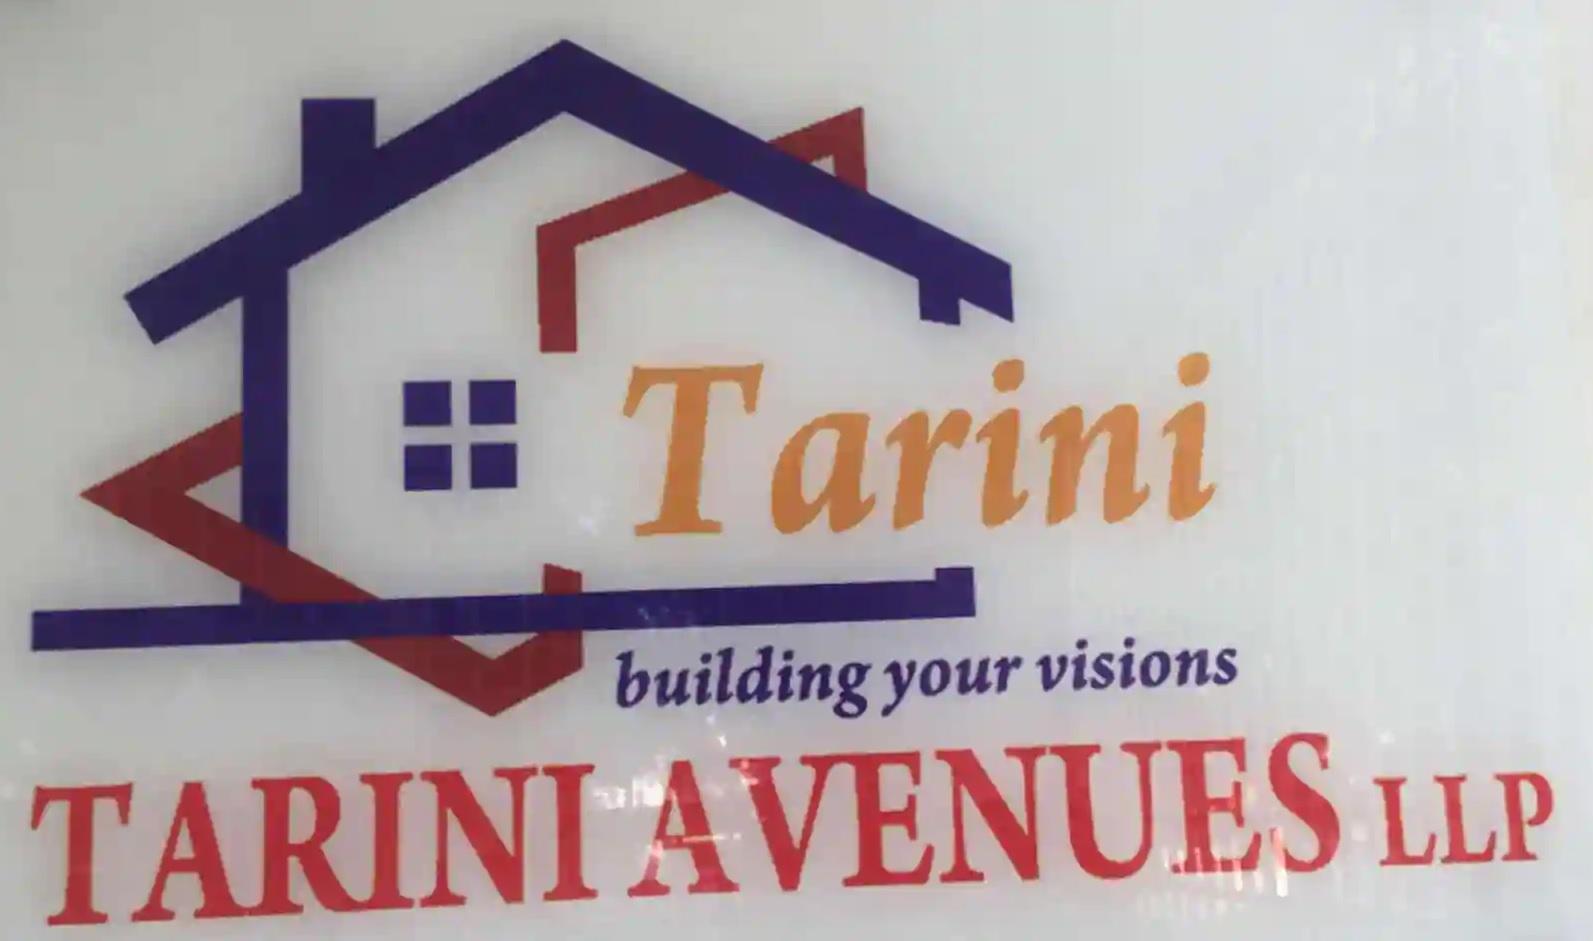 Tarini Avenues LLP